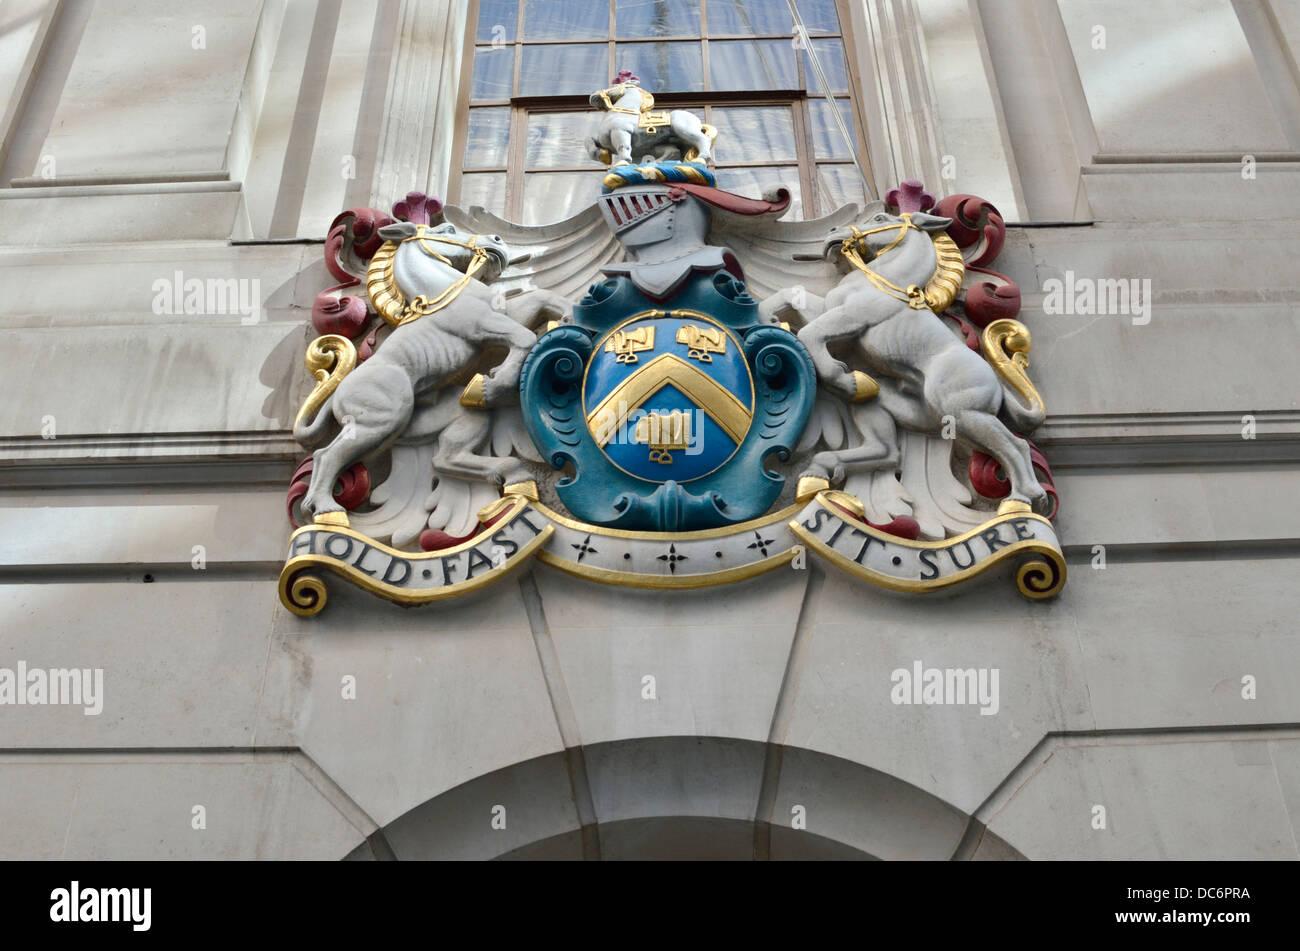 Tenez-vous assis devise sur le blason de Worshipful Company de selliers, London, UK Photo Stock